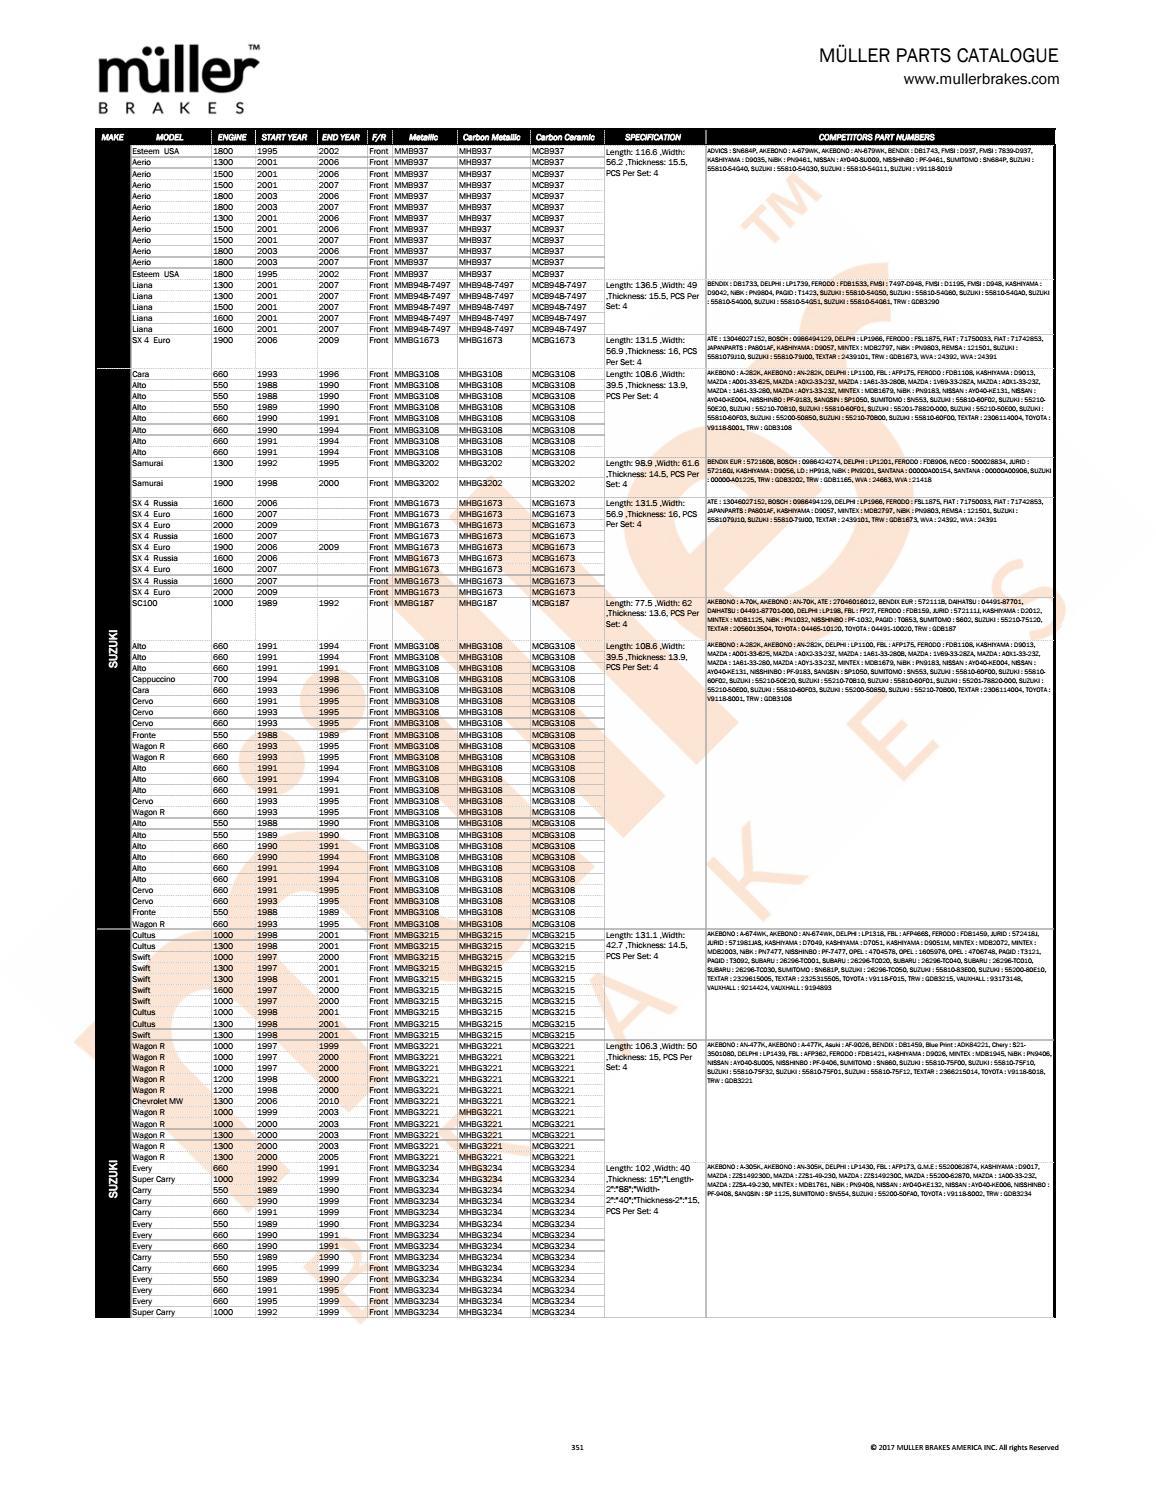 FRONT CERAMIC BRAKE PADS FOR SUZUKI AERIO 2002 2003 2004 2005 D937